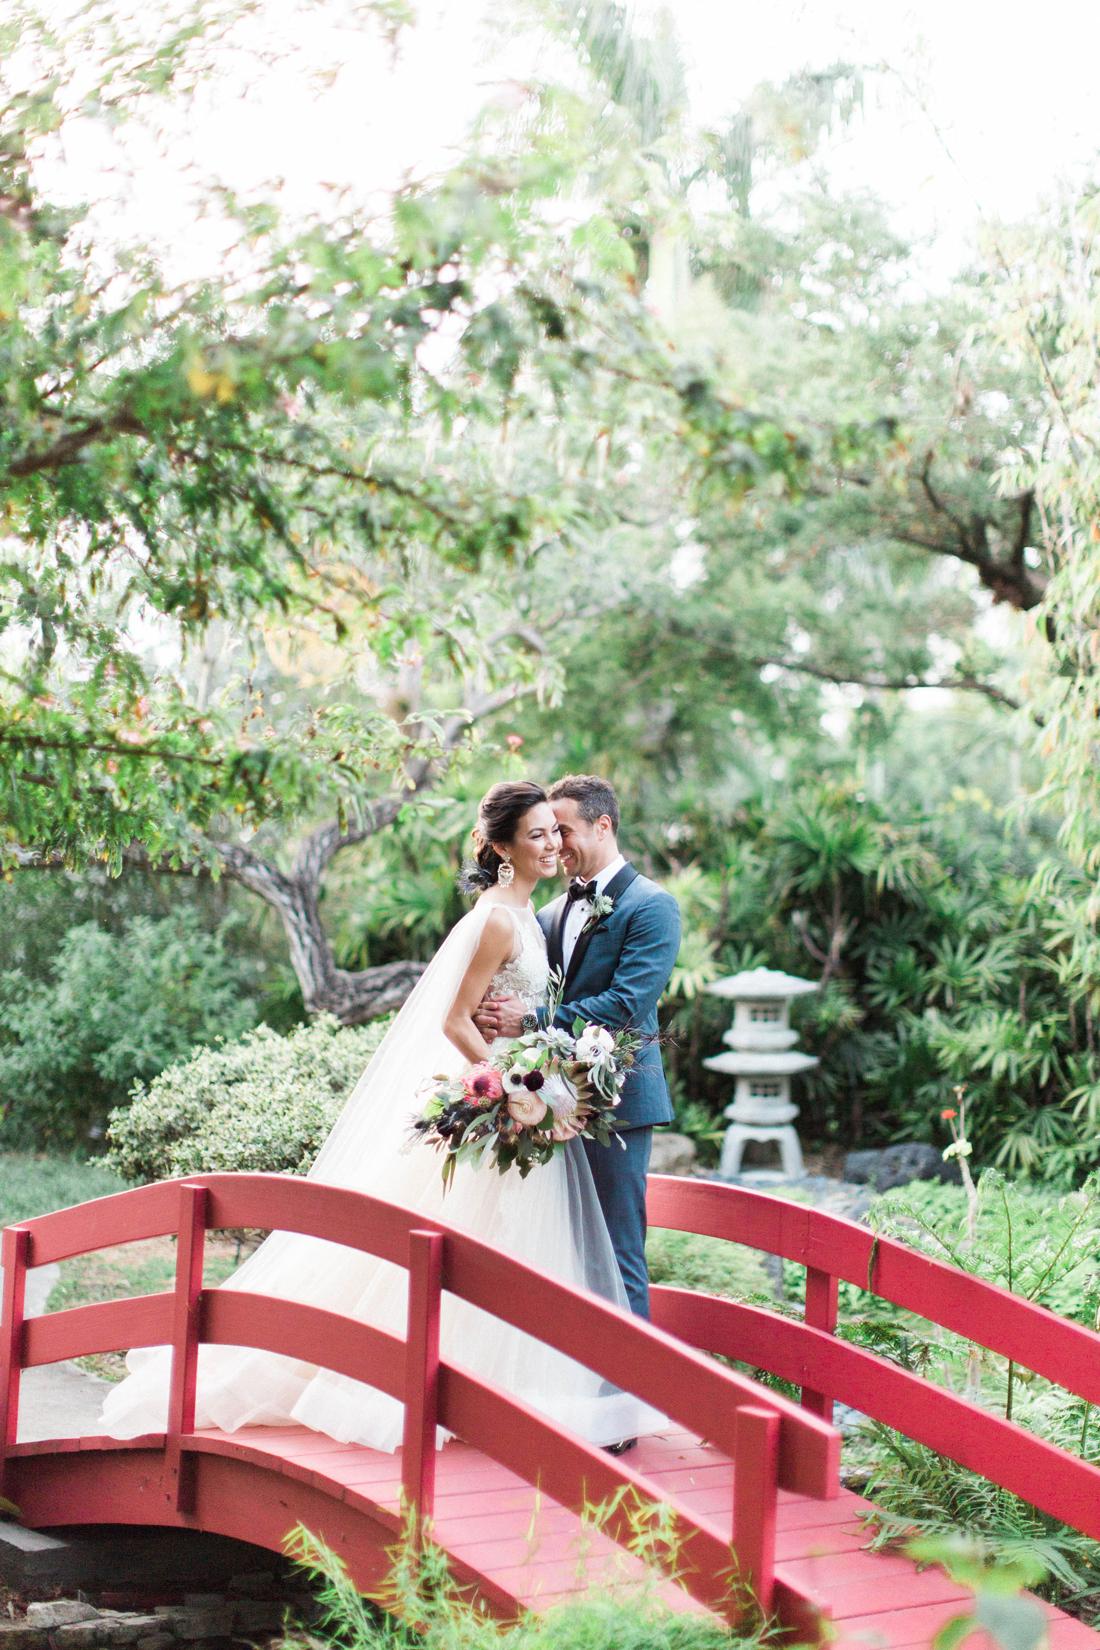 bride and groom pose on red wooden bridge in garden